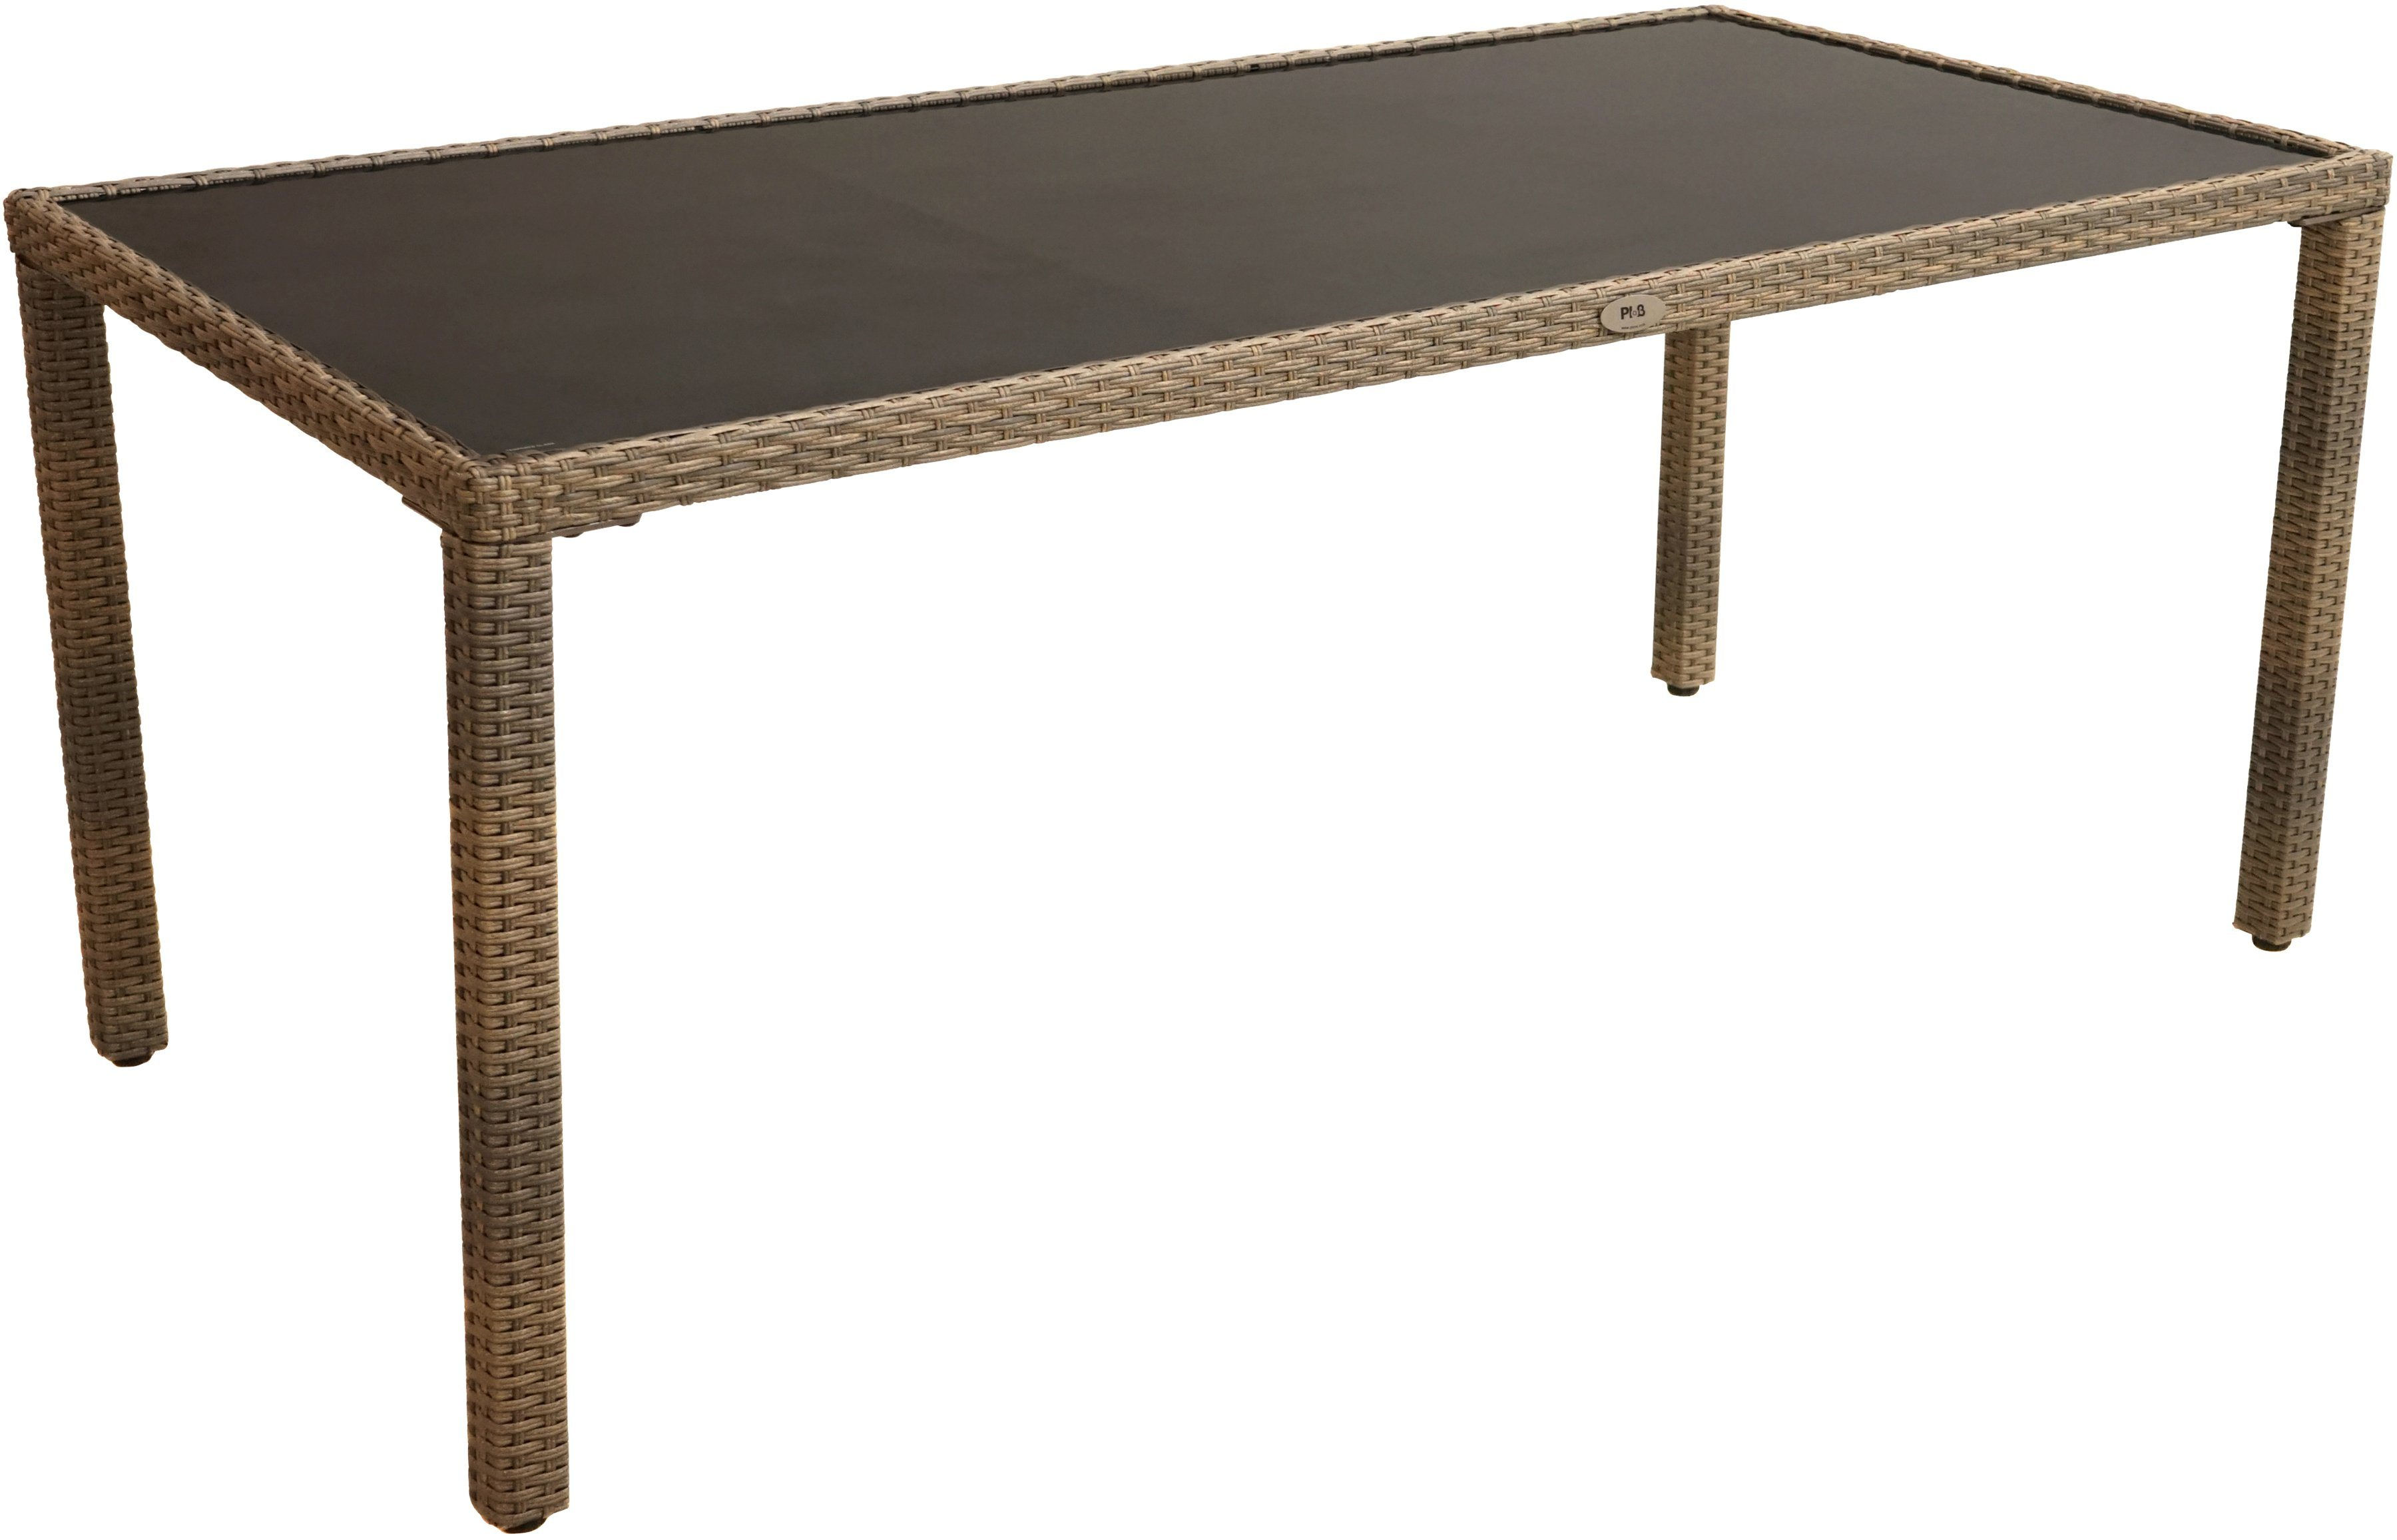 gartentisch polyrattan preisvergleich die besten angebote online kaufen. Black Bedroom Furniture Sets. Home Design Ideas